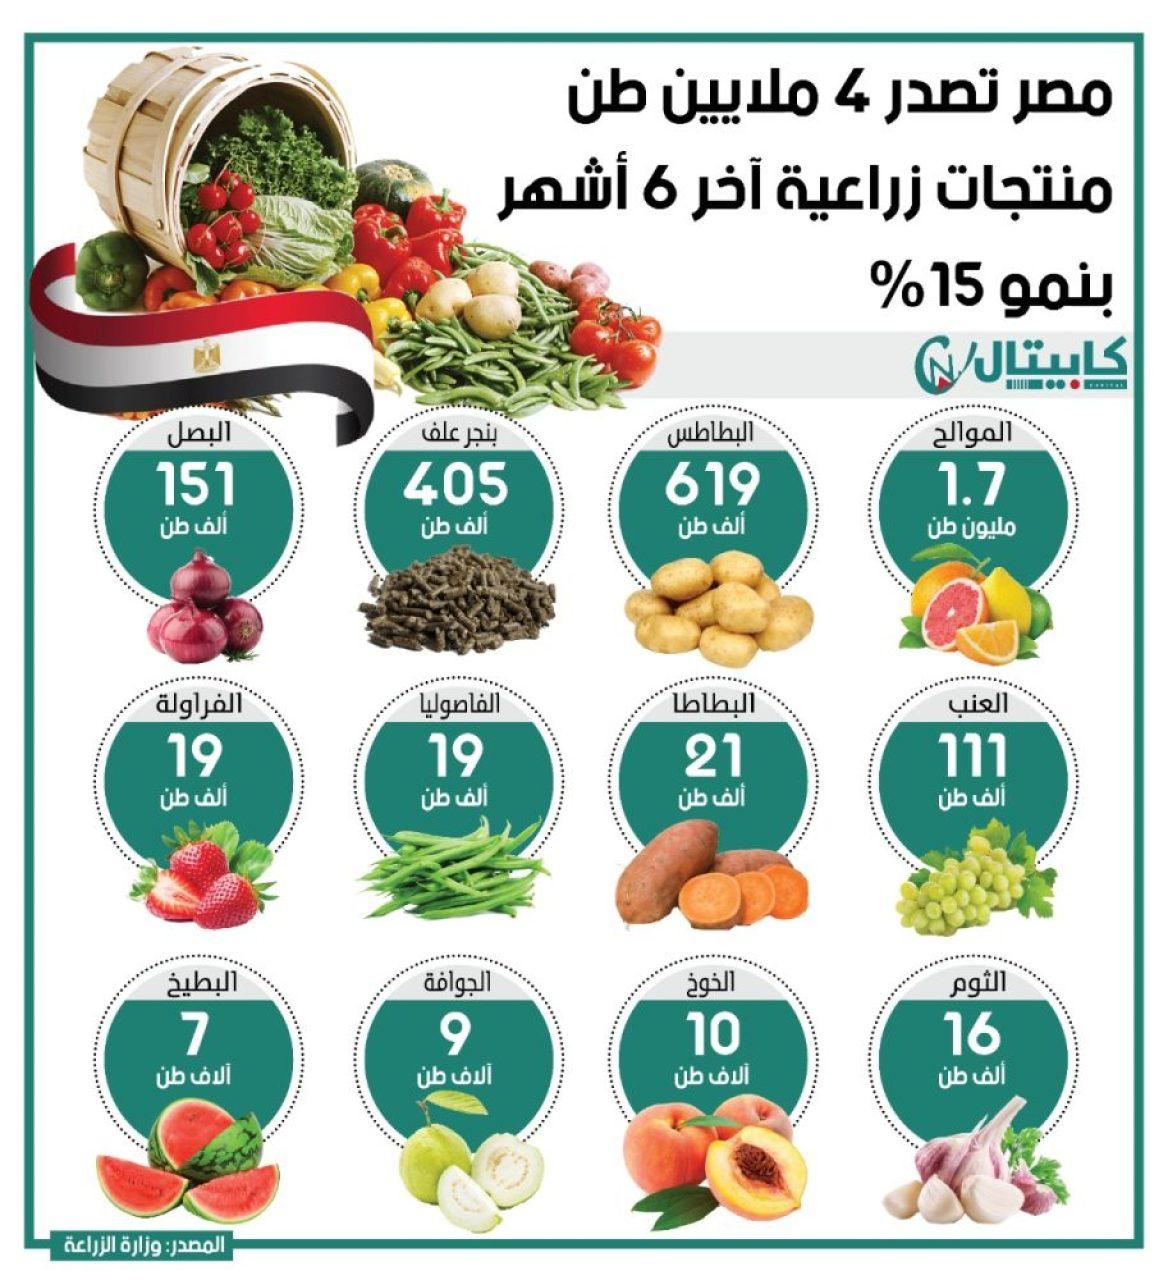 مصر تصدر 4 ملايين طن منتجات زراعية آخر 6 أشهر